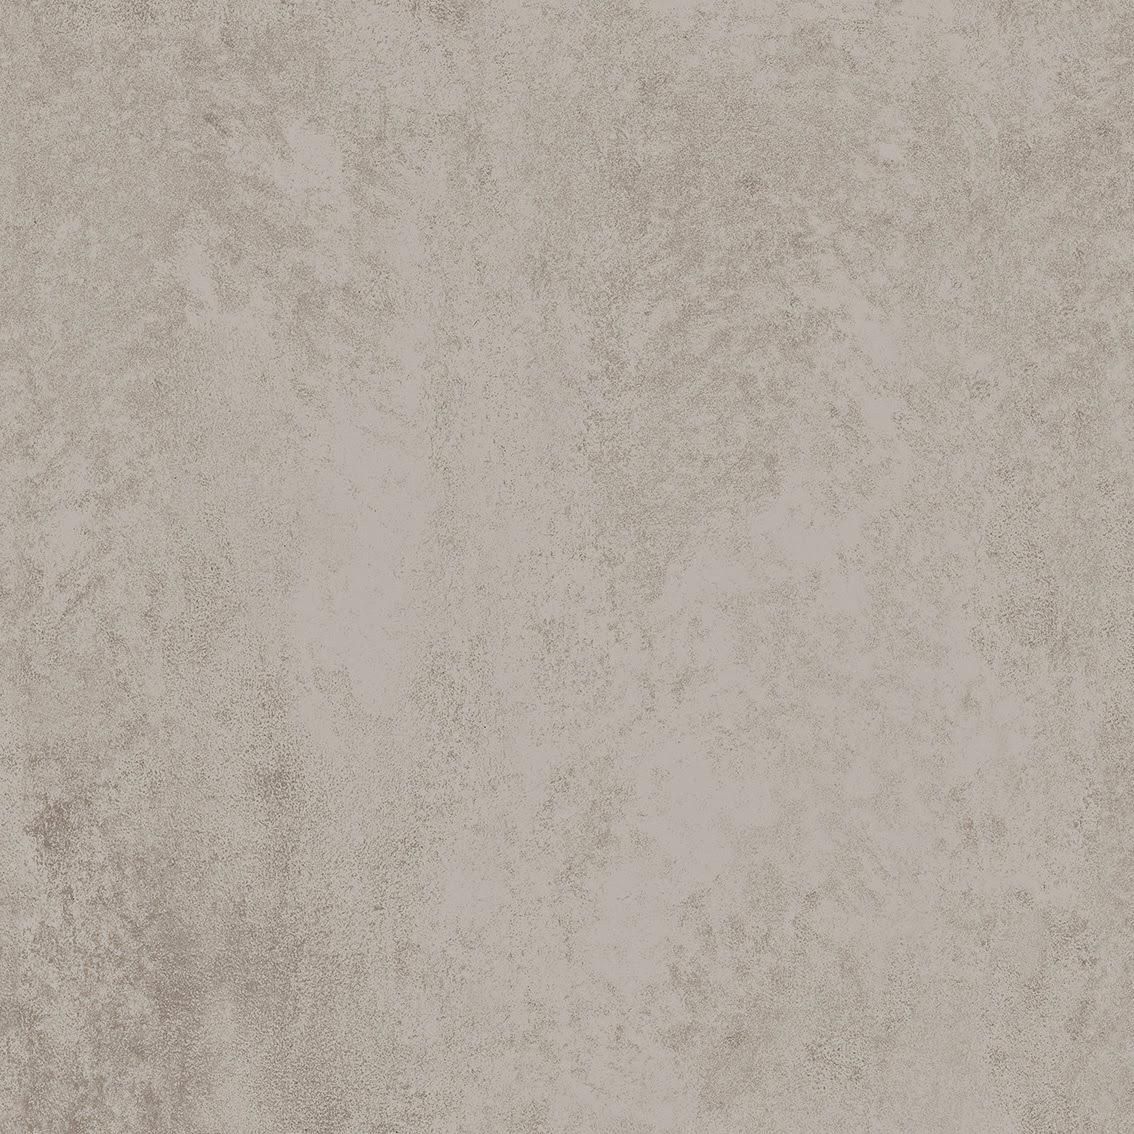 Minha Casa Clean: REVESTIMENTOS DOS BANHEIROS #726659 1134 1134